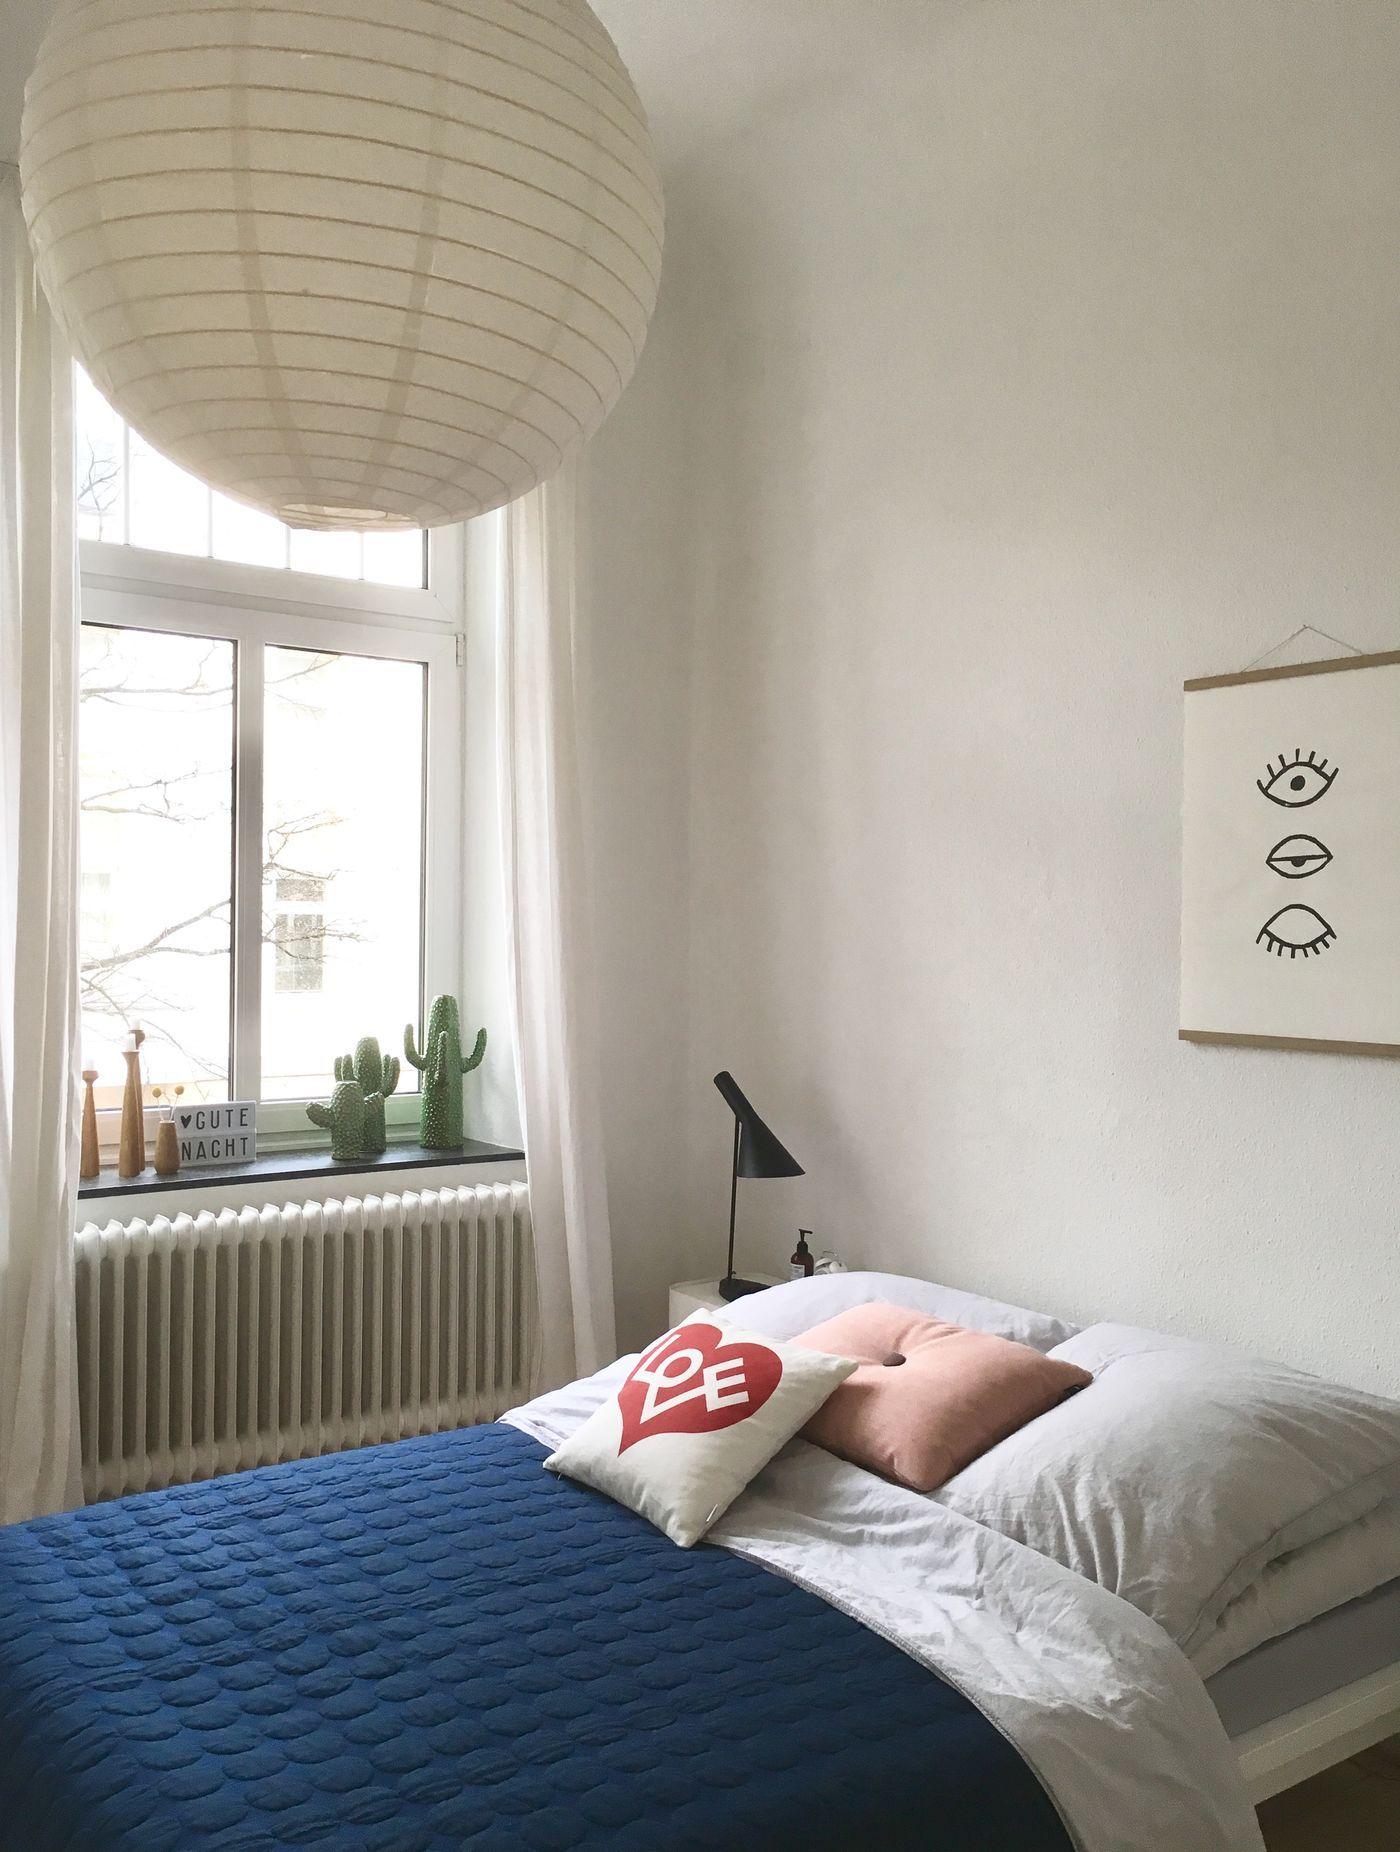 Schlafzimmer-Ideen & -Bilder - Seite 70